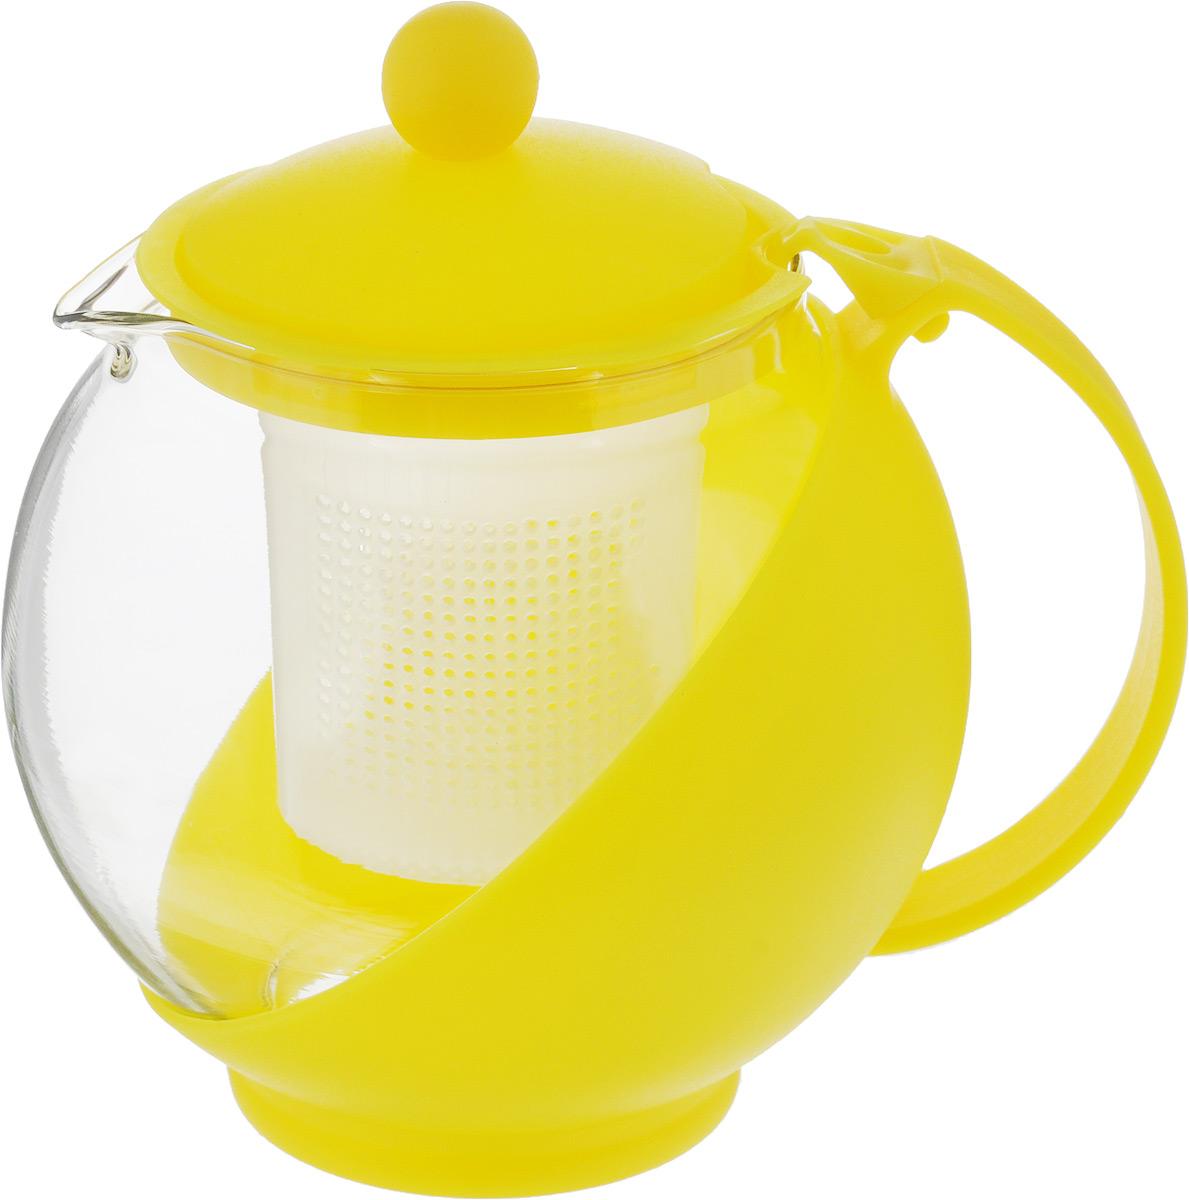 Чайник заварочный Wellberg Aqual, с фильтром, цвет: прозрачный, желтый, 750 мл325 WB_желтыйЗаварочный чайник Wellberg Aqual изготовлен из высококачественного пищевого пластика и жаропрочного стекла. Чайник имеет пластиковый фильтр и оснащен удобной ручкой. Крышка плотно закрывается, а удобный носик предотвращает проливание жидкости. Чайник прекрасно подойдет для заваривания чая и травяных напитков. Высота чайника (без учета крышки): 11,5 см.Высота чайника (с учетом крышки): 14 см. Диаметр (по верхнему краю): 8 см.Высота фильтра: 6,5 см.